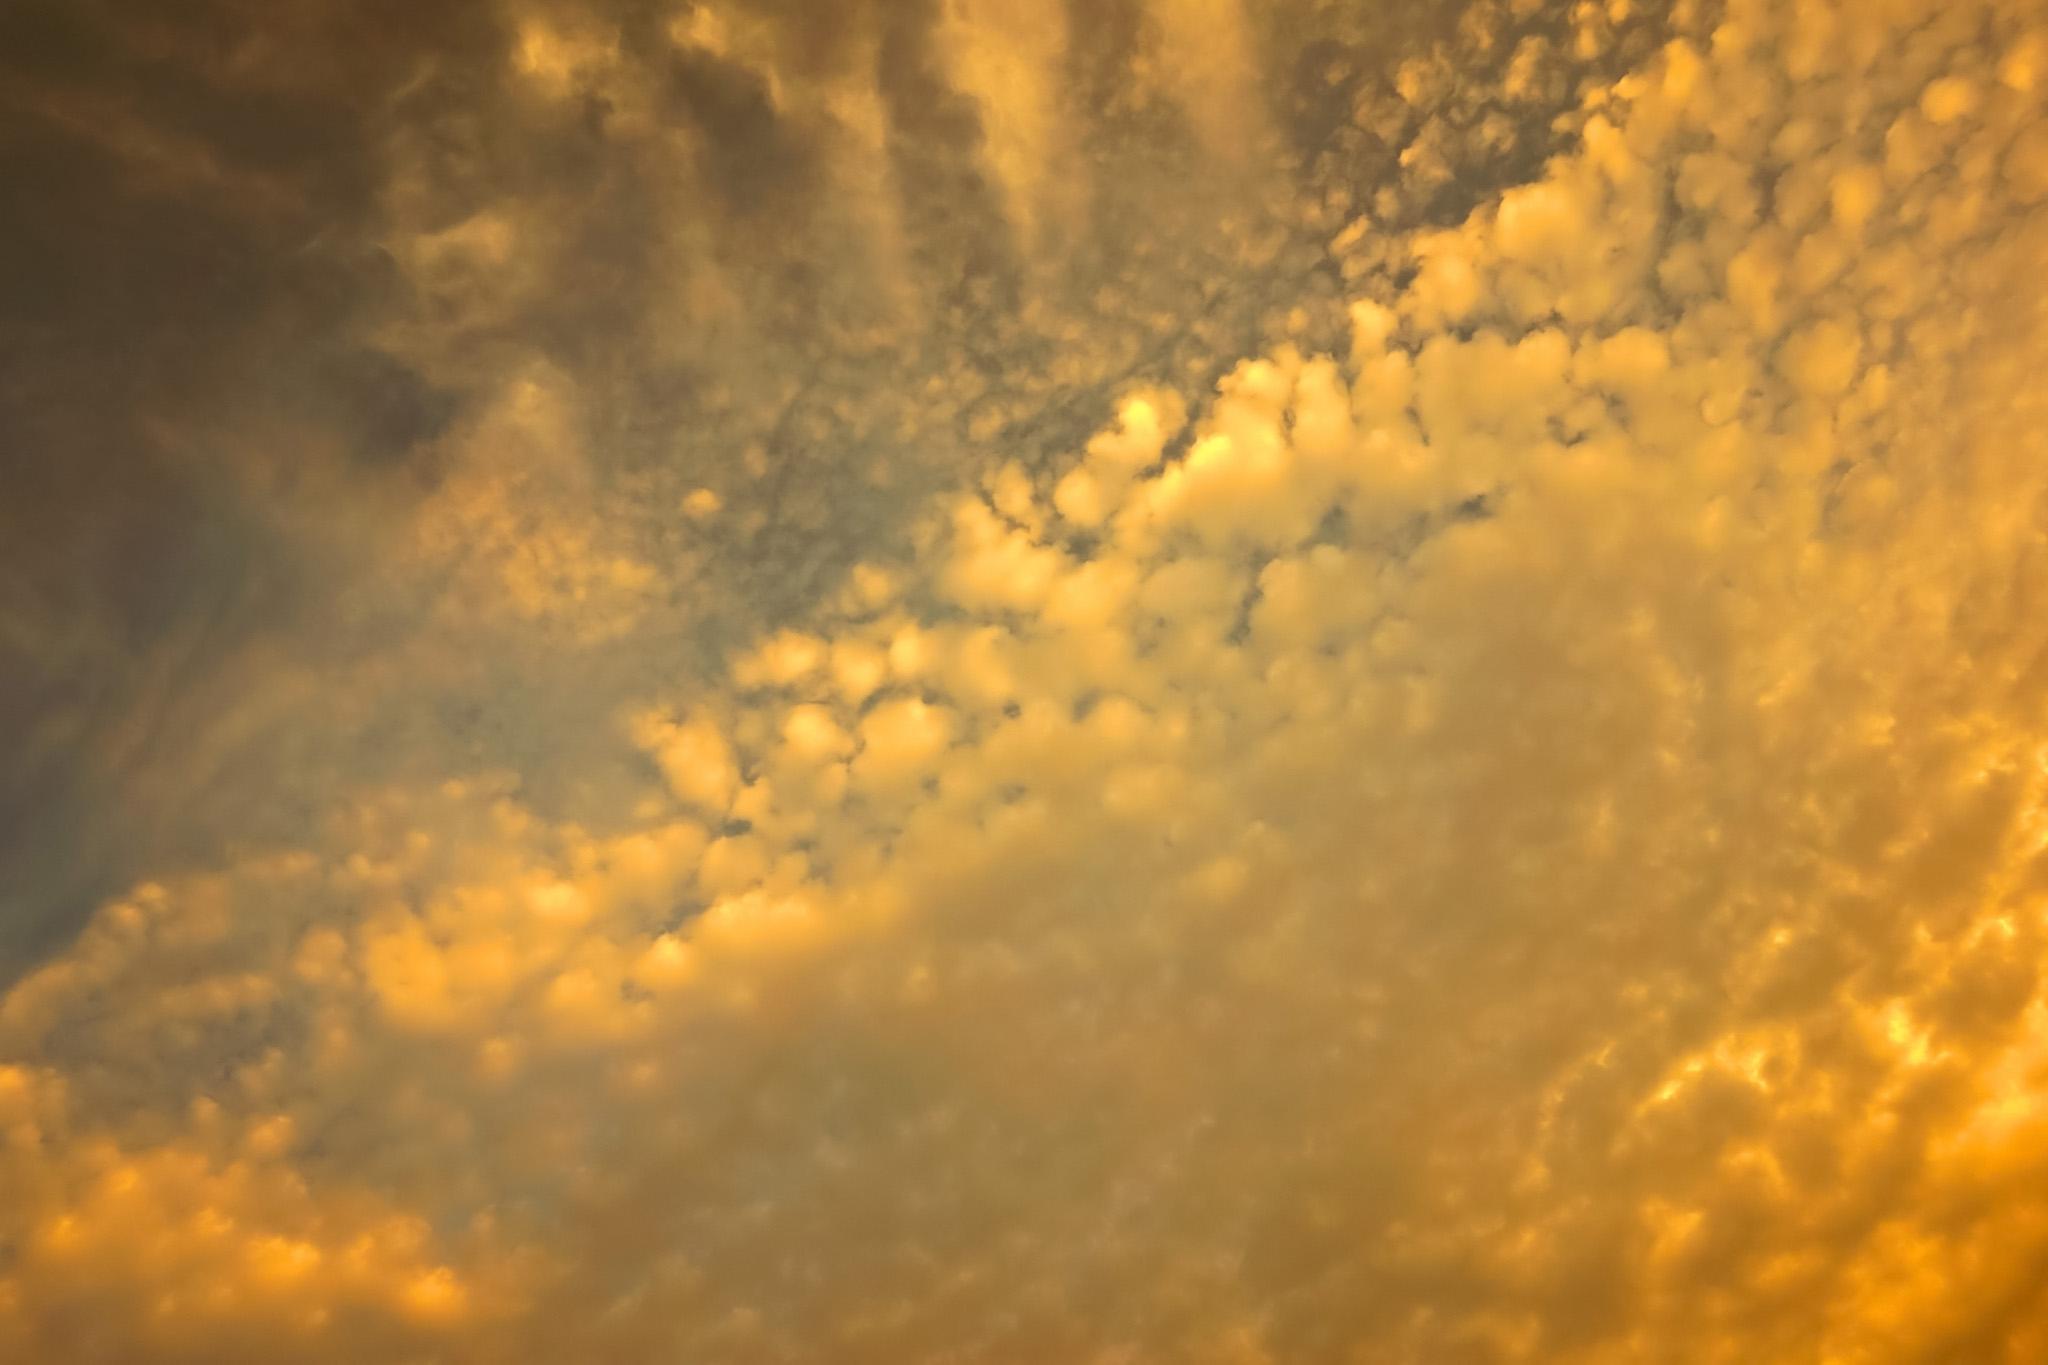 「黄金色の雲が夕焼けに煌めく」